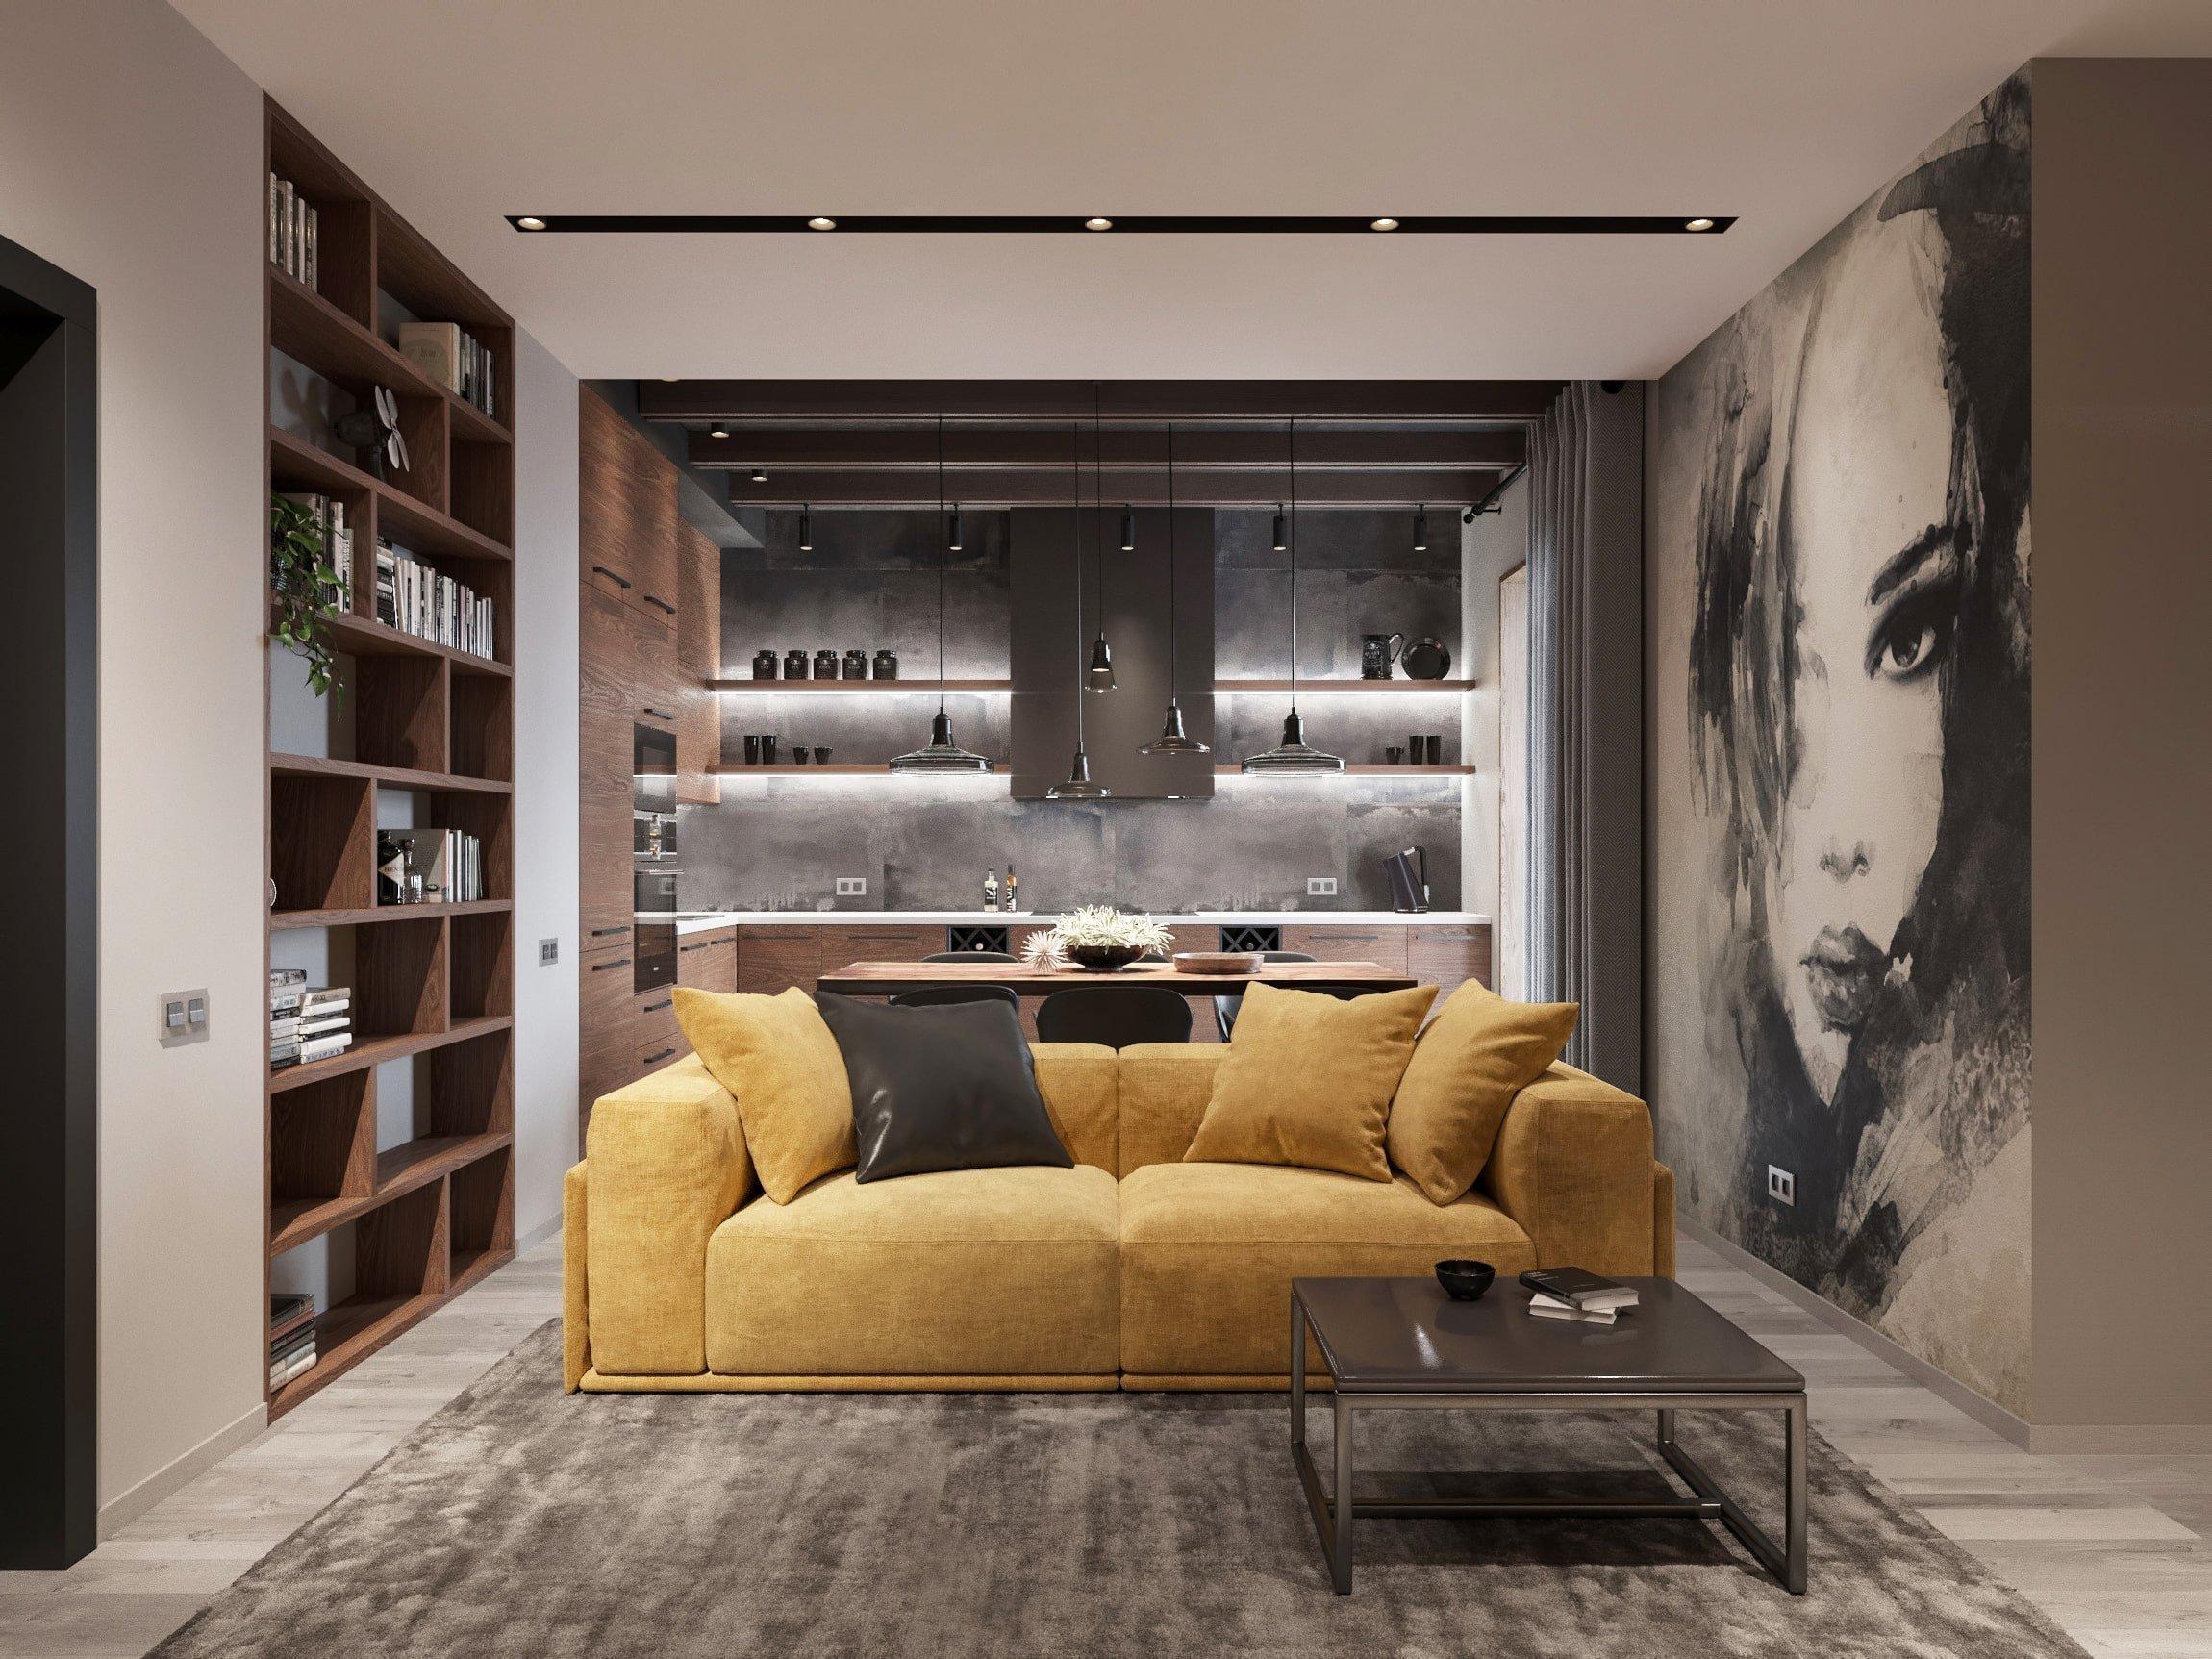 I interiér, který nehýří velkým množstvím barev, může vypadat dokonale. Jen stačí vědět, jaké barvy a jejich kombinace zvolit. Poté už stačí přidat jen akcent v podobě žluté sedačky a krásné a útulné bydlení je na světě.